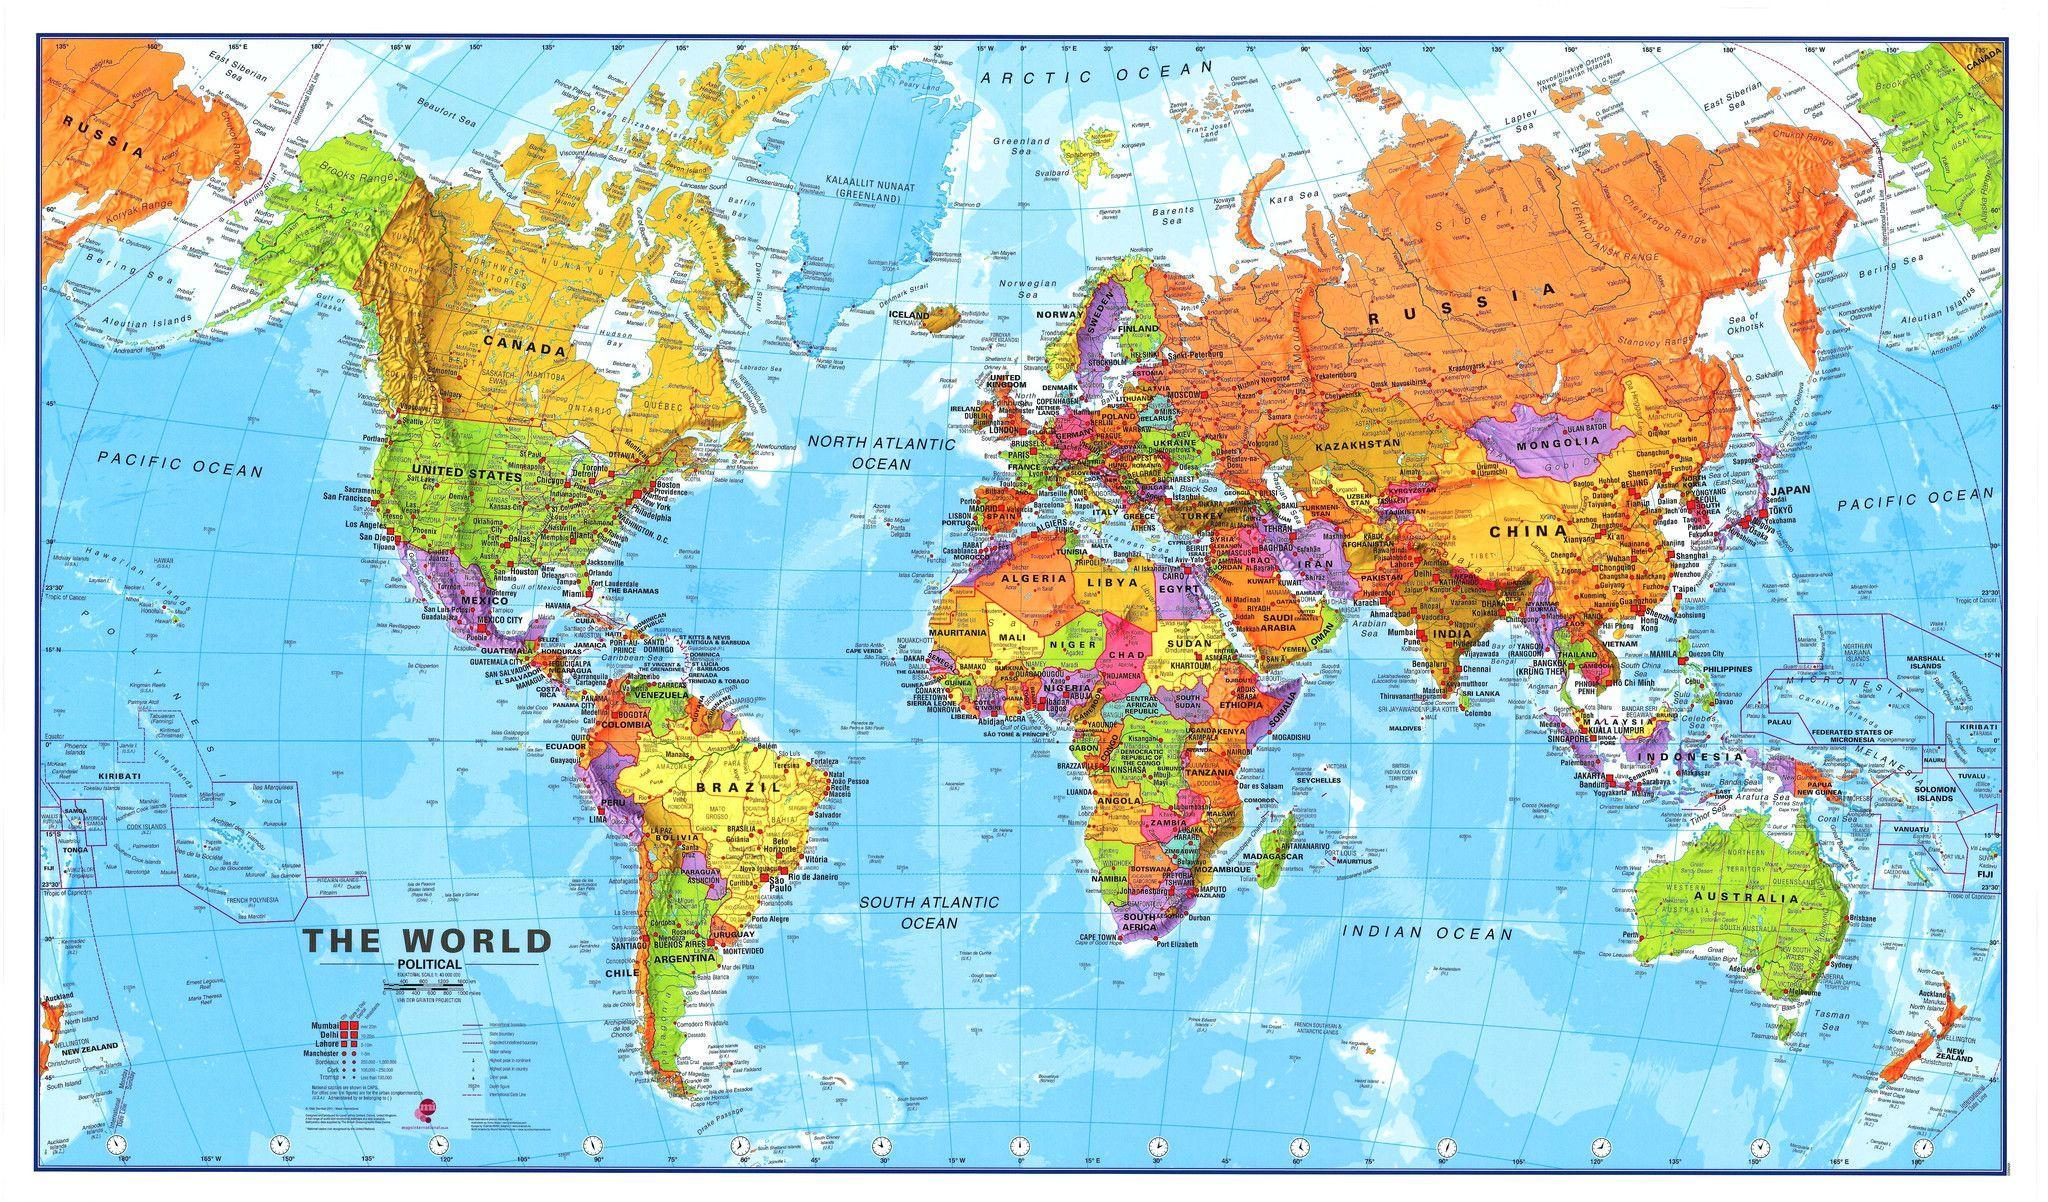 Hình nền bản đồ 2048x1202, Hình ảnh bản đồ Fantasy, HQ.  Hình nền 4K 2019